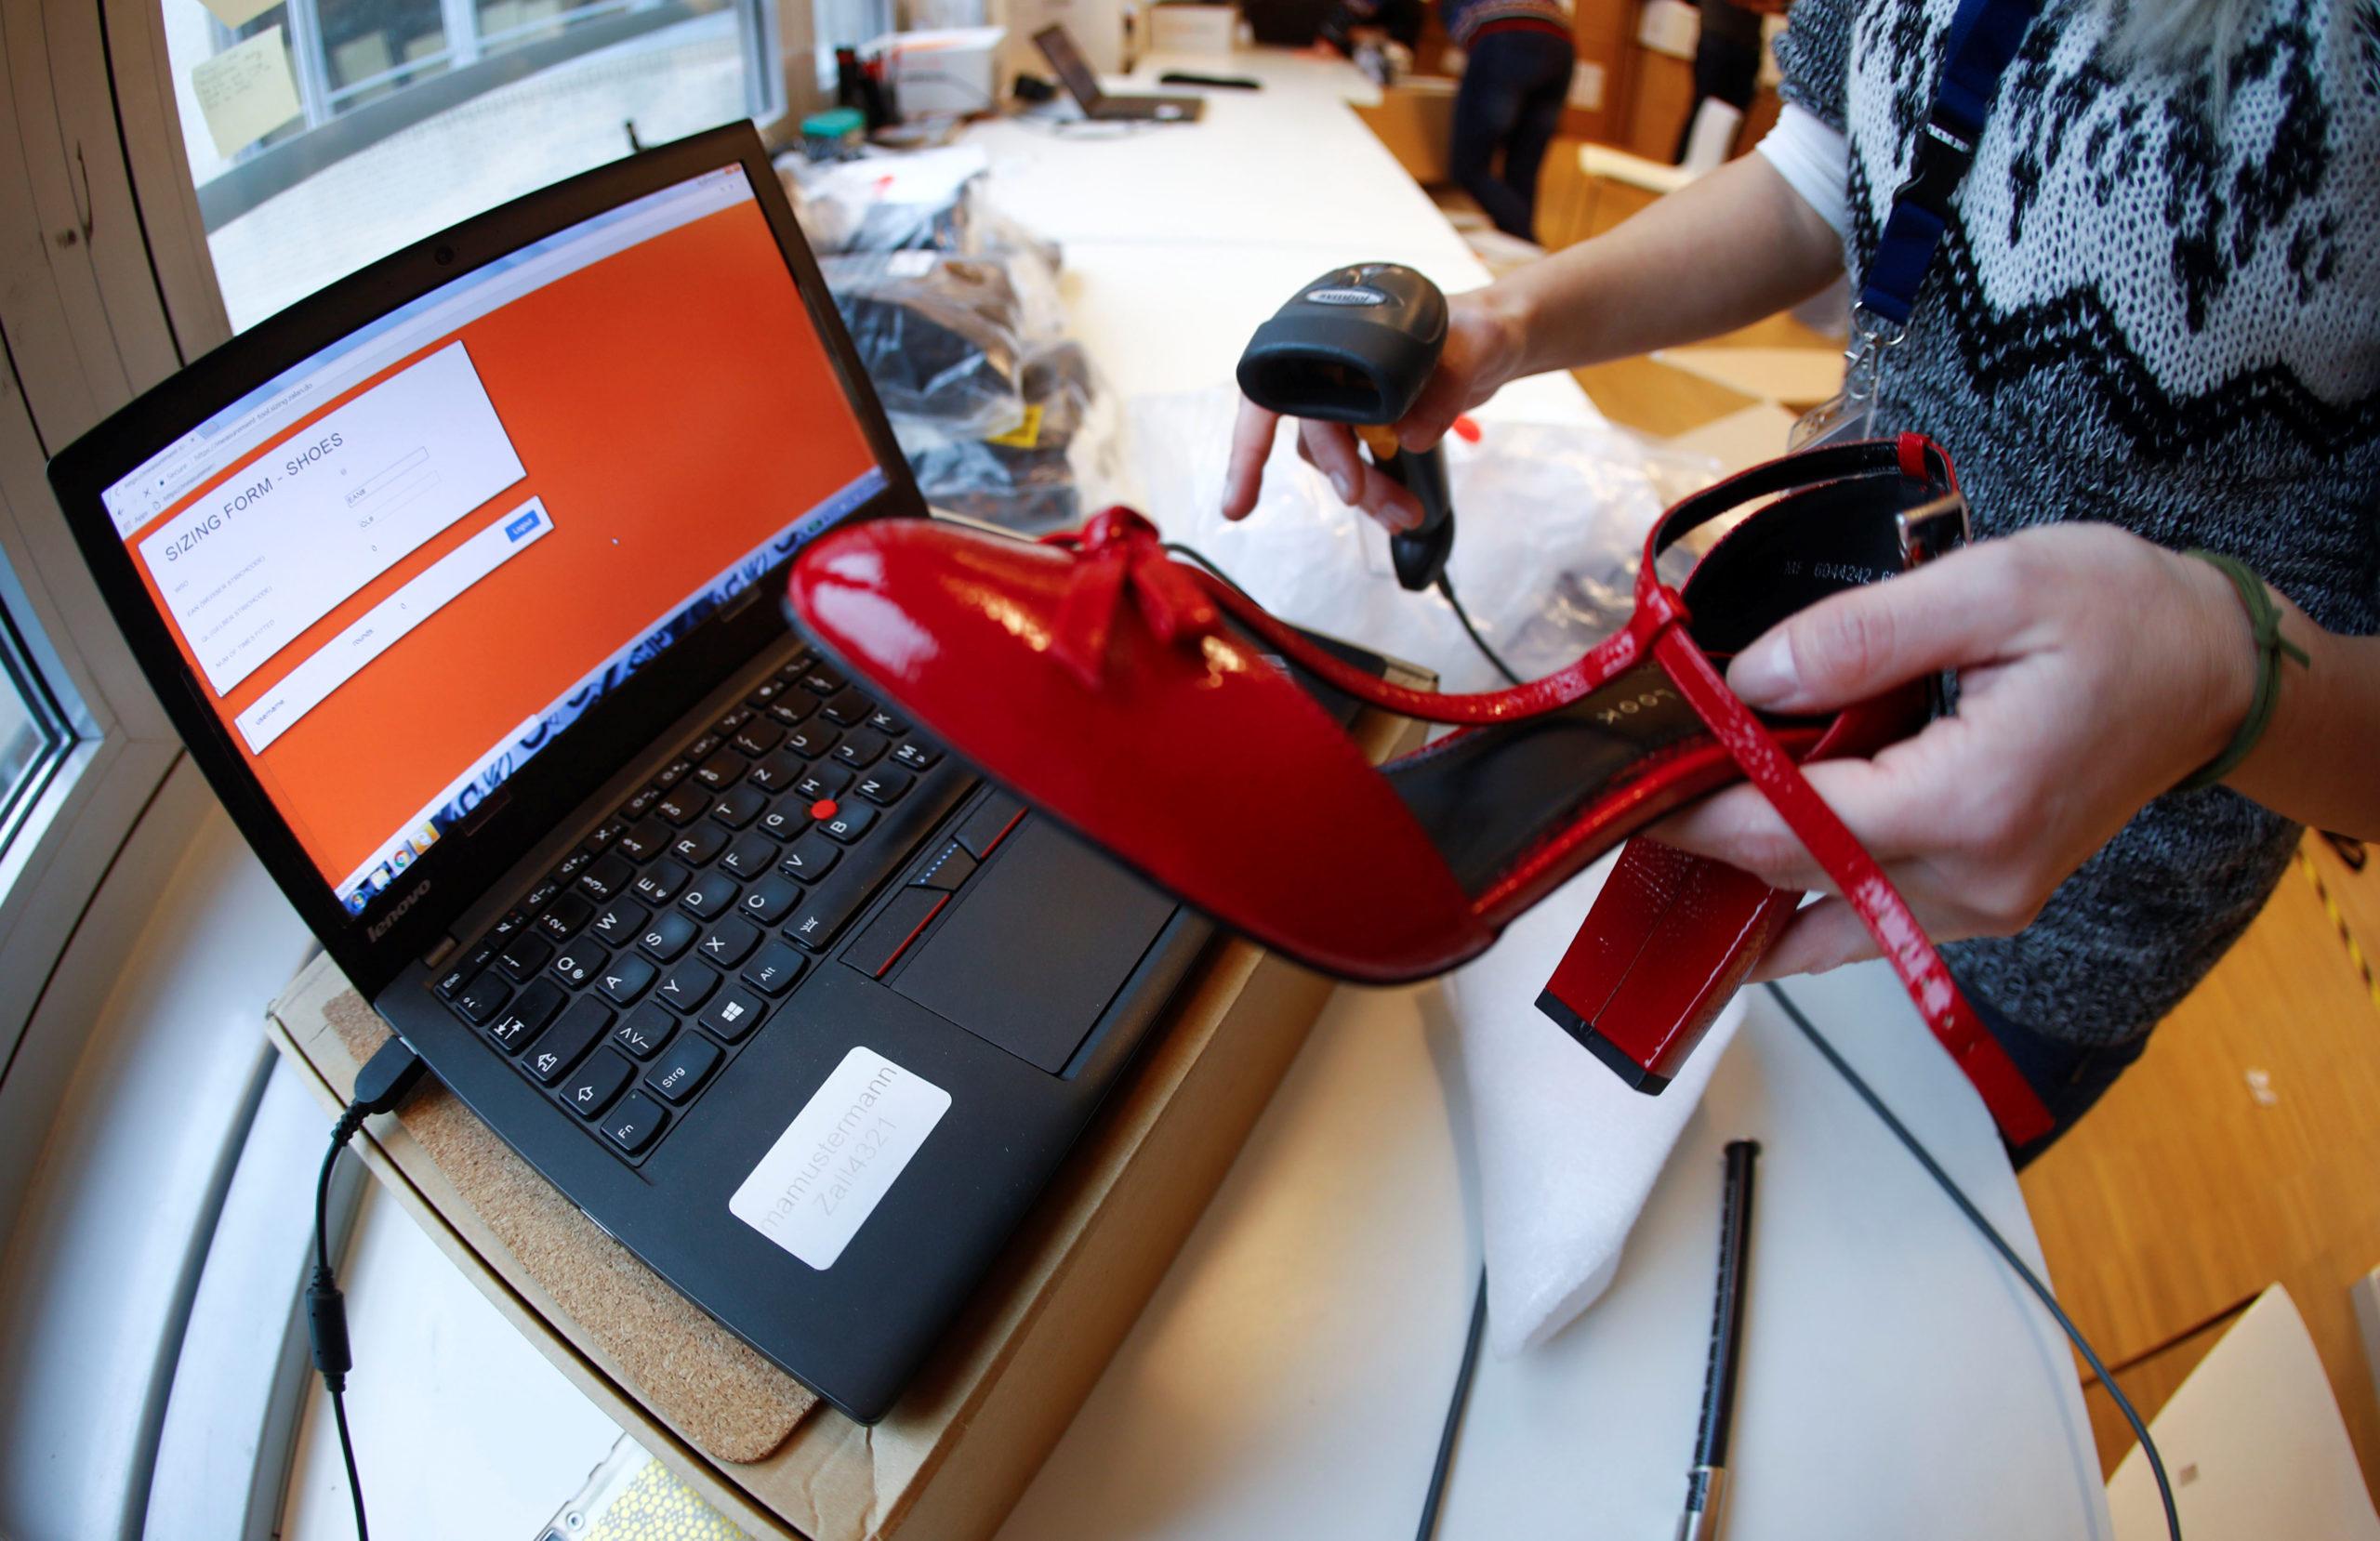 Les Français devraient dépenser plus de 20 milliards d'euros en ligne pour Noël et plus de 100 milliards d'euros sur l'ensemble de l'année 2019, estime la Fevad (Fédération e-commerce et vente à distance) dans une étude publiée jeudi. /Photo d'archives/REUTERS/Fabrizio Bensch